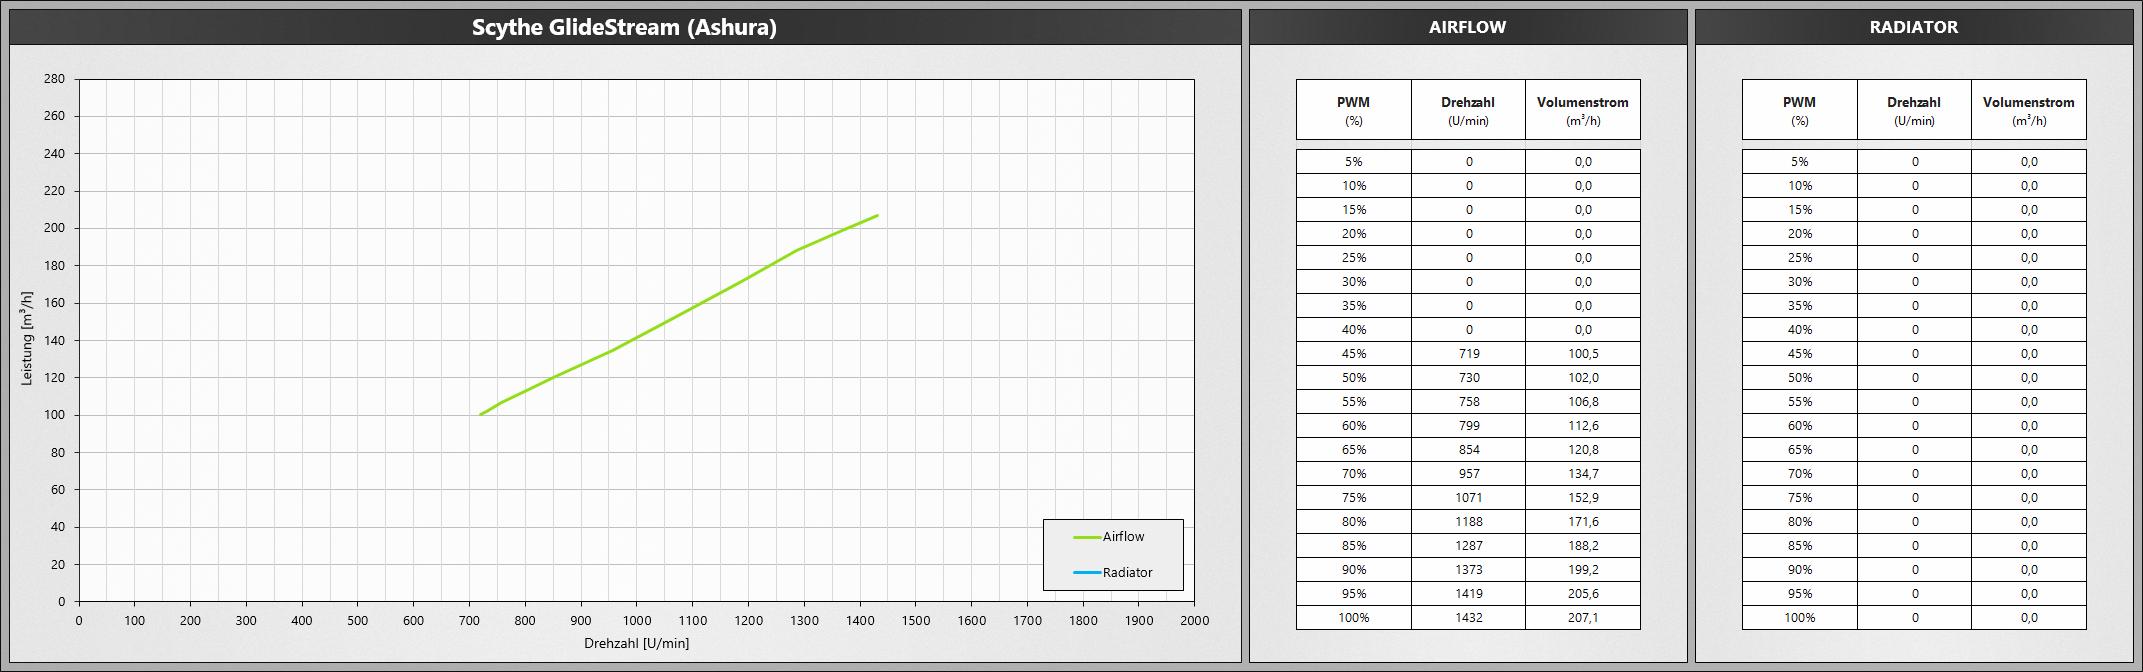 Klicken Sie auf die Grafik für eine größere Ansicht  Name:ScytheGlideStream-Ashura.png Hits:647 Größe:464,9 KB ID:1074785